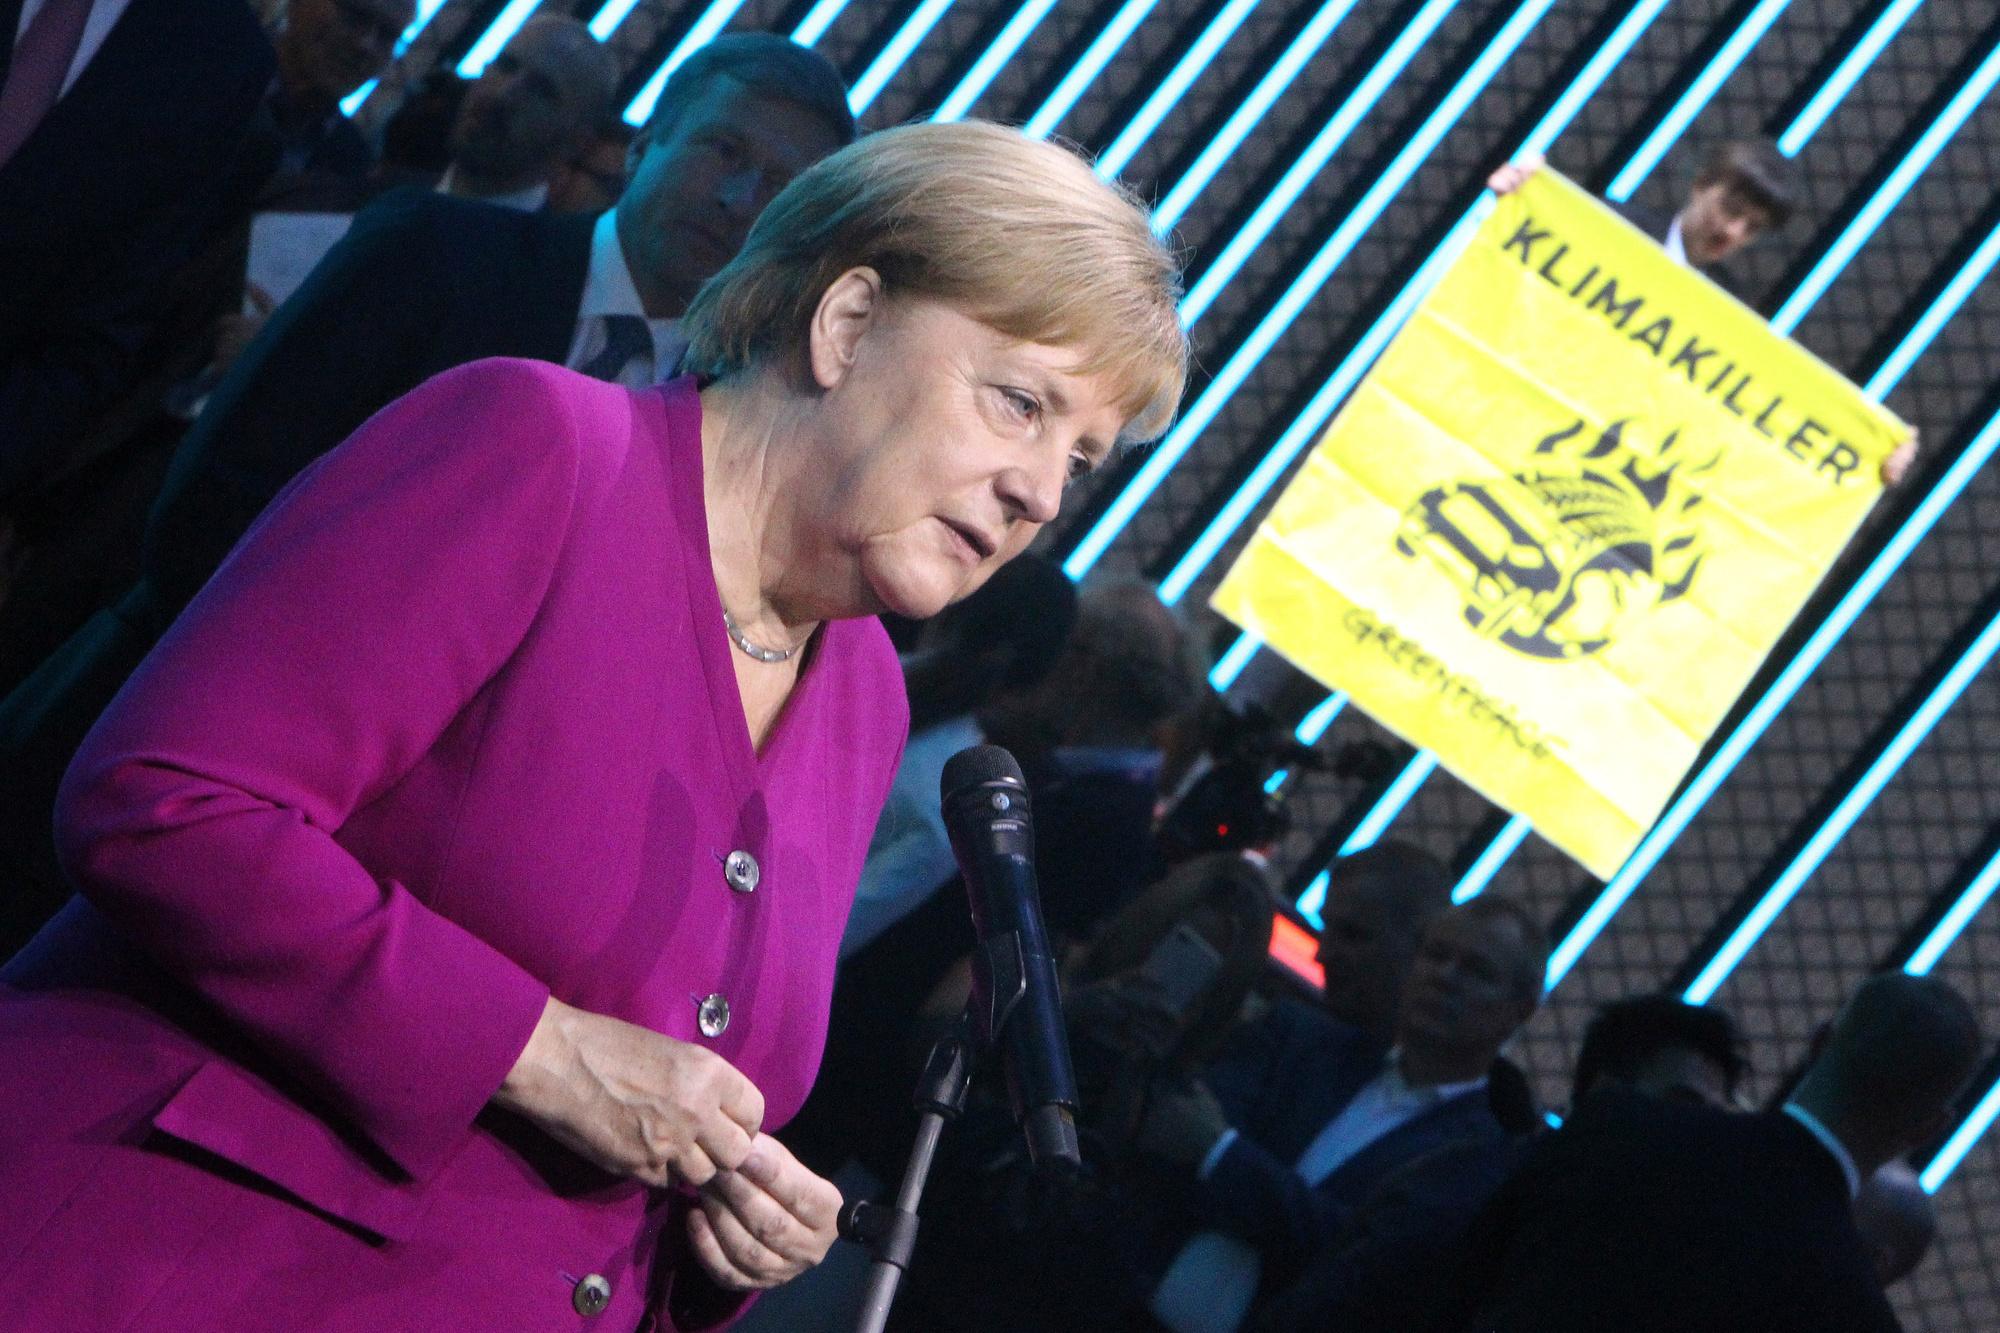 Un activist de Greenpeace monte avec son affiche sur le toit d'une voiture pendant la visite d'Angela Merkel, belga